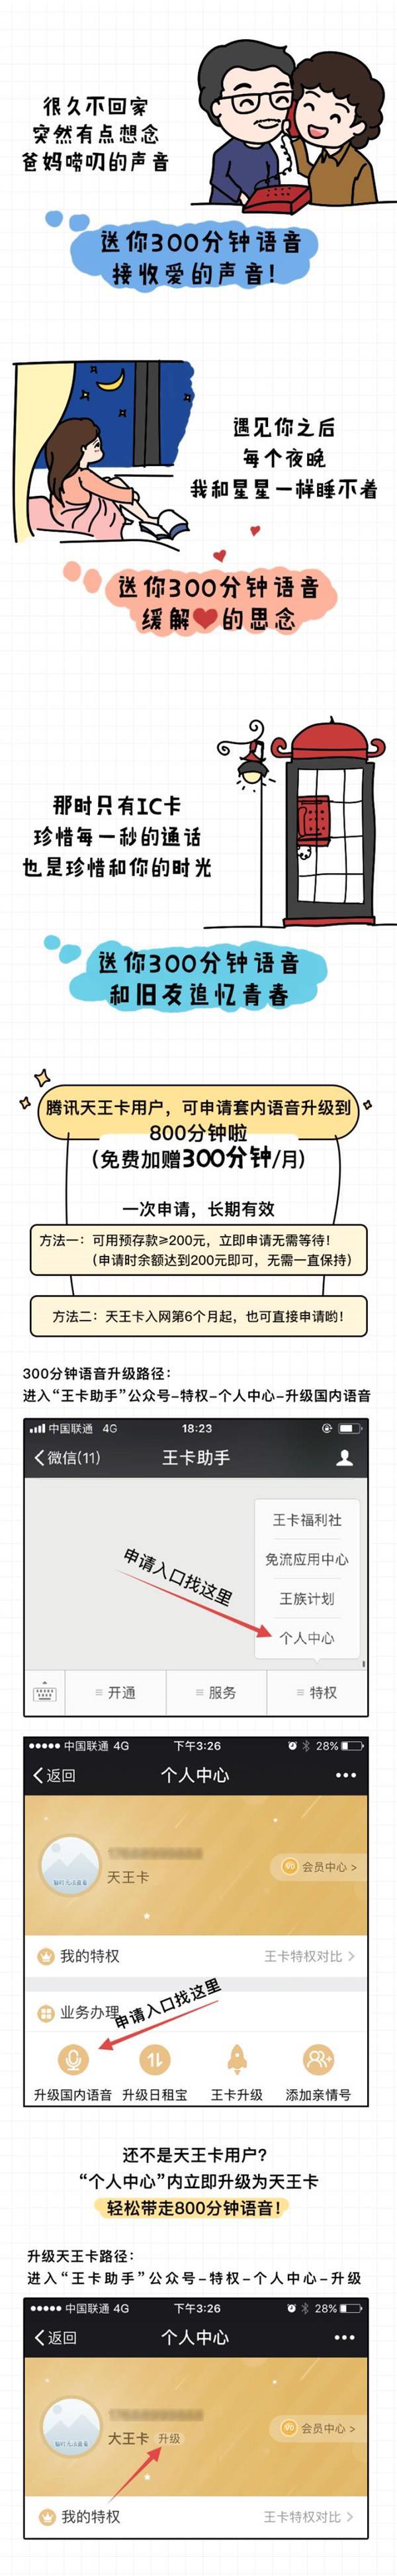 腾讯天王卡套餐大升级:通话800分钟/月